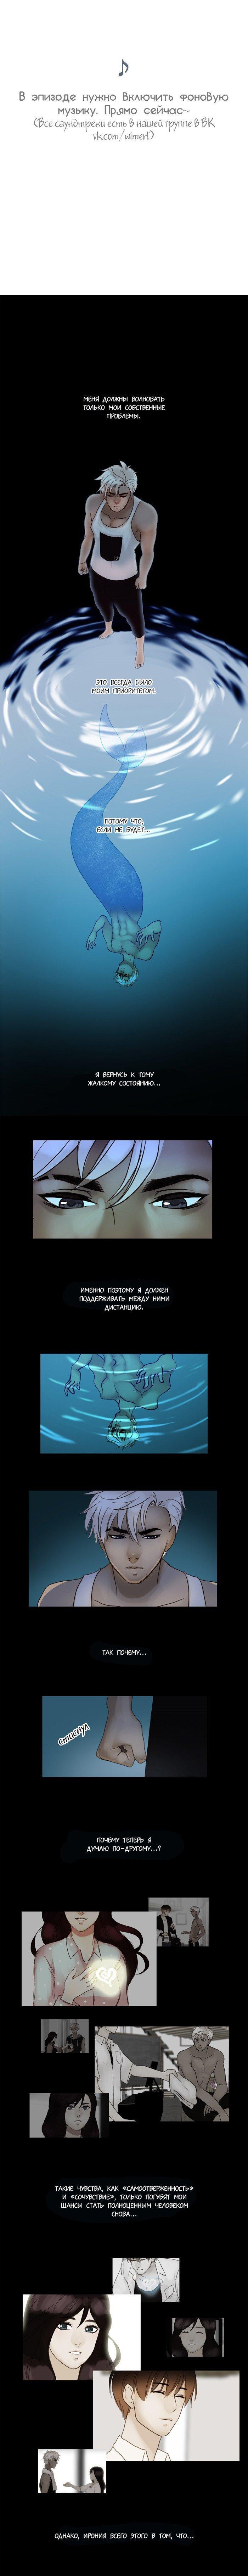 Манга Плач сирены - Глава 27 Страница 1